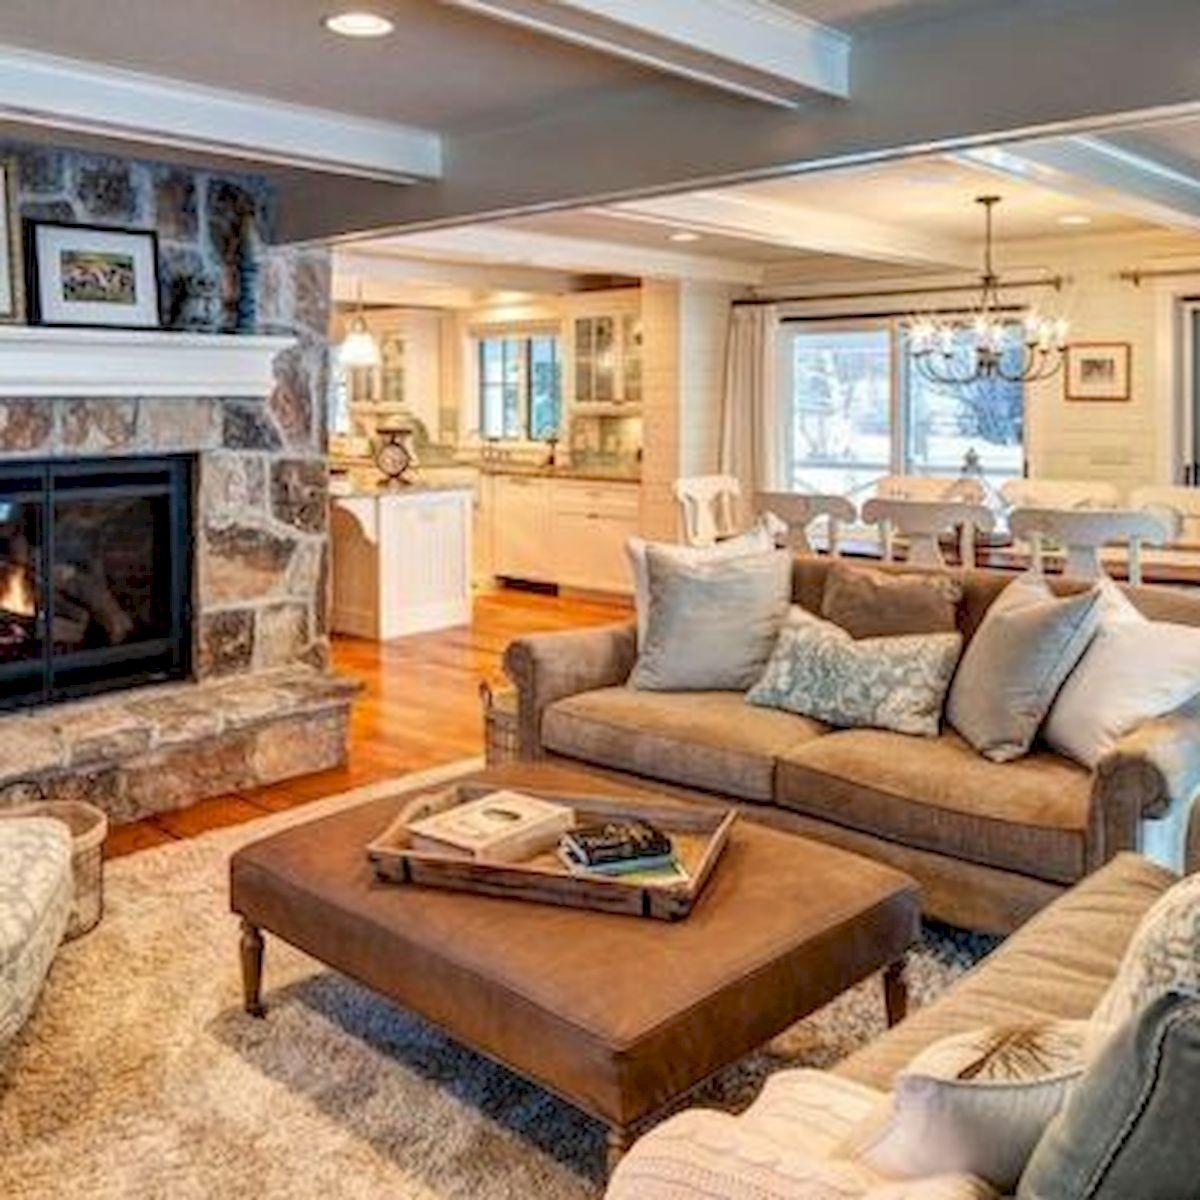 50 Cozy Farmhouse Living Room Design and Decor Ideas (32)